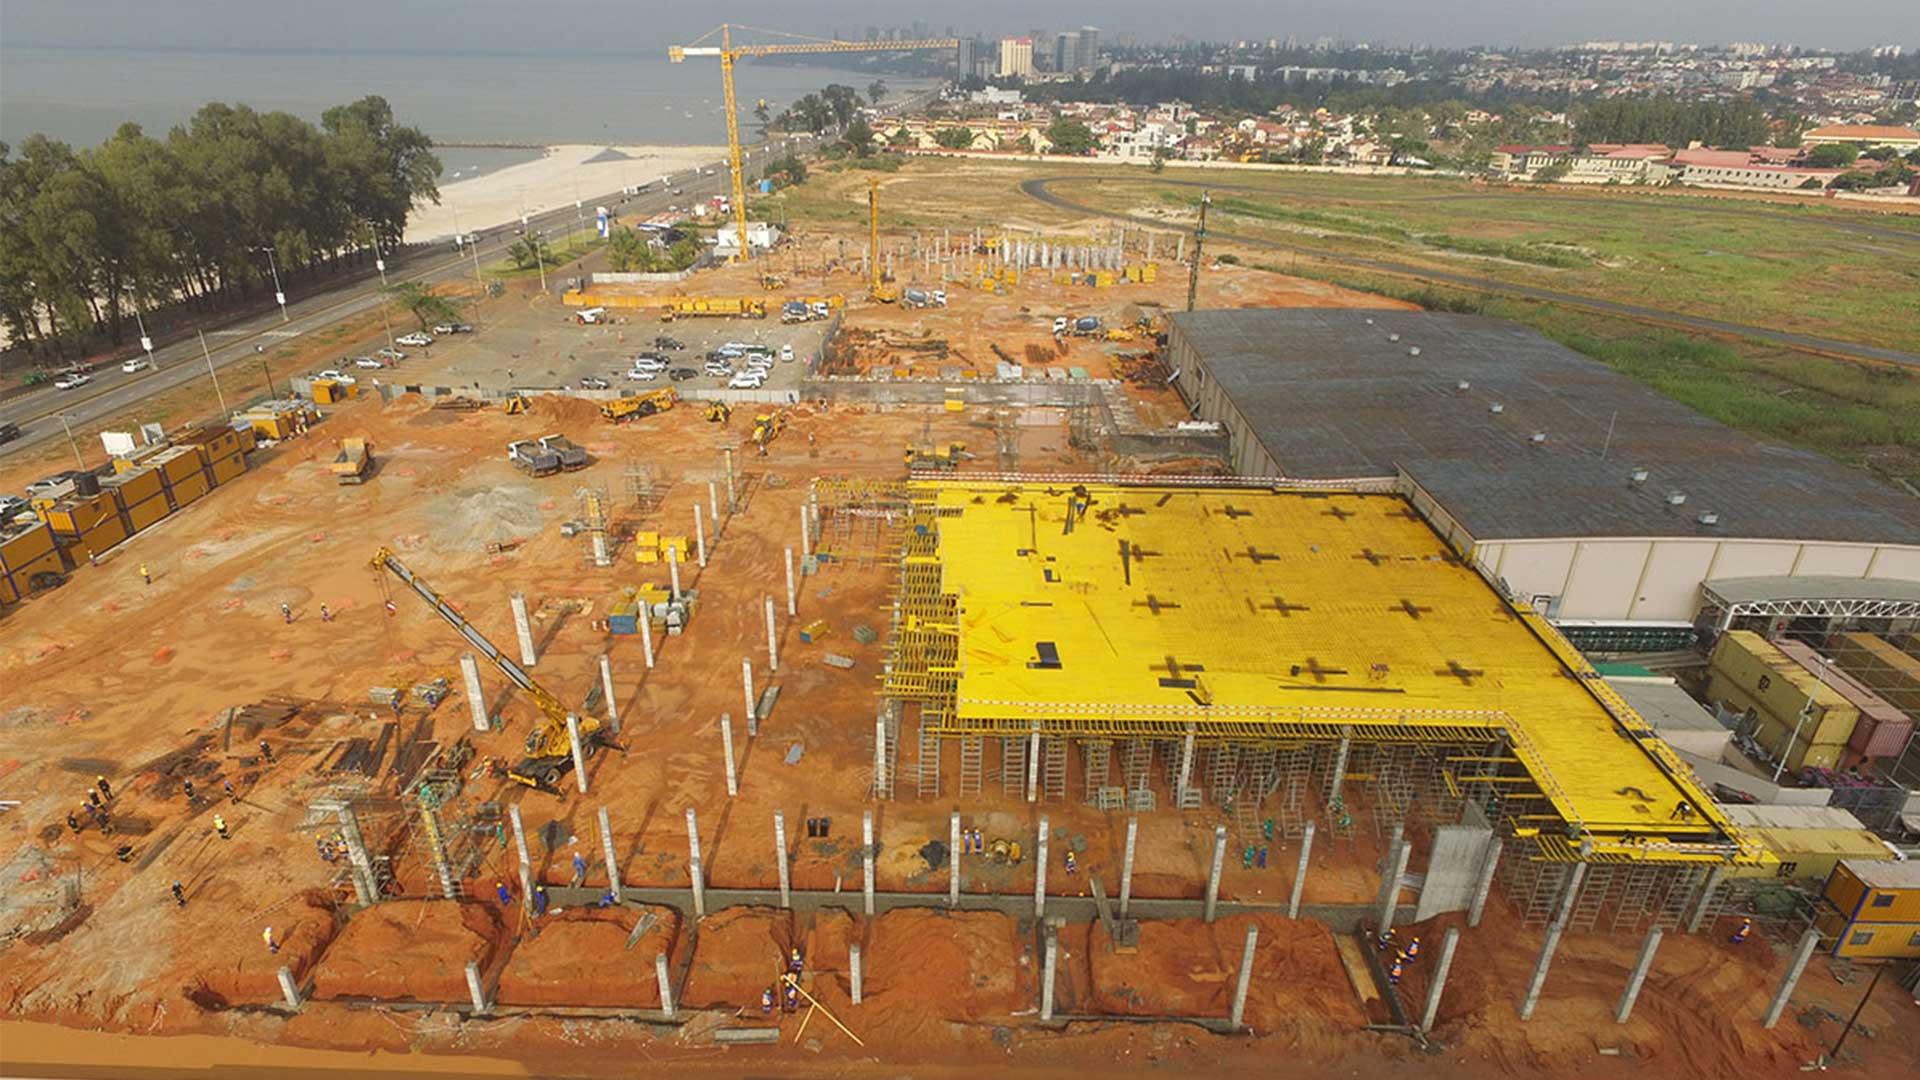 NOVEAU CENTRE COMMERCIAL AU MOÇAMBIQUE